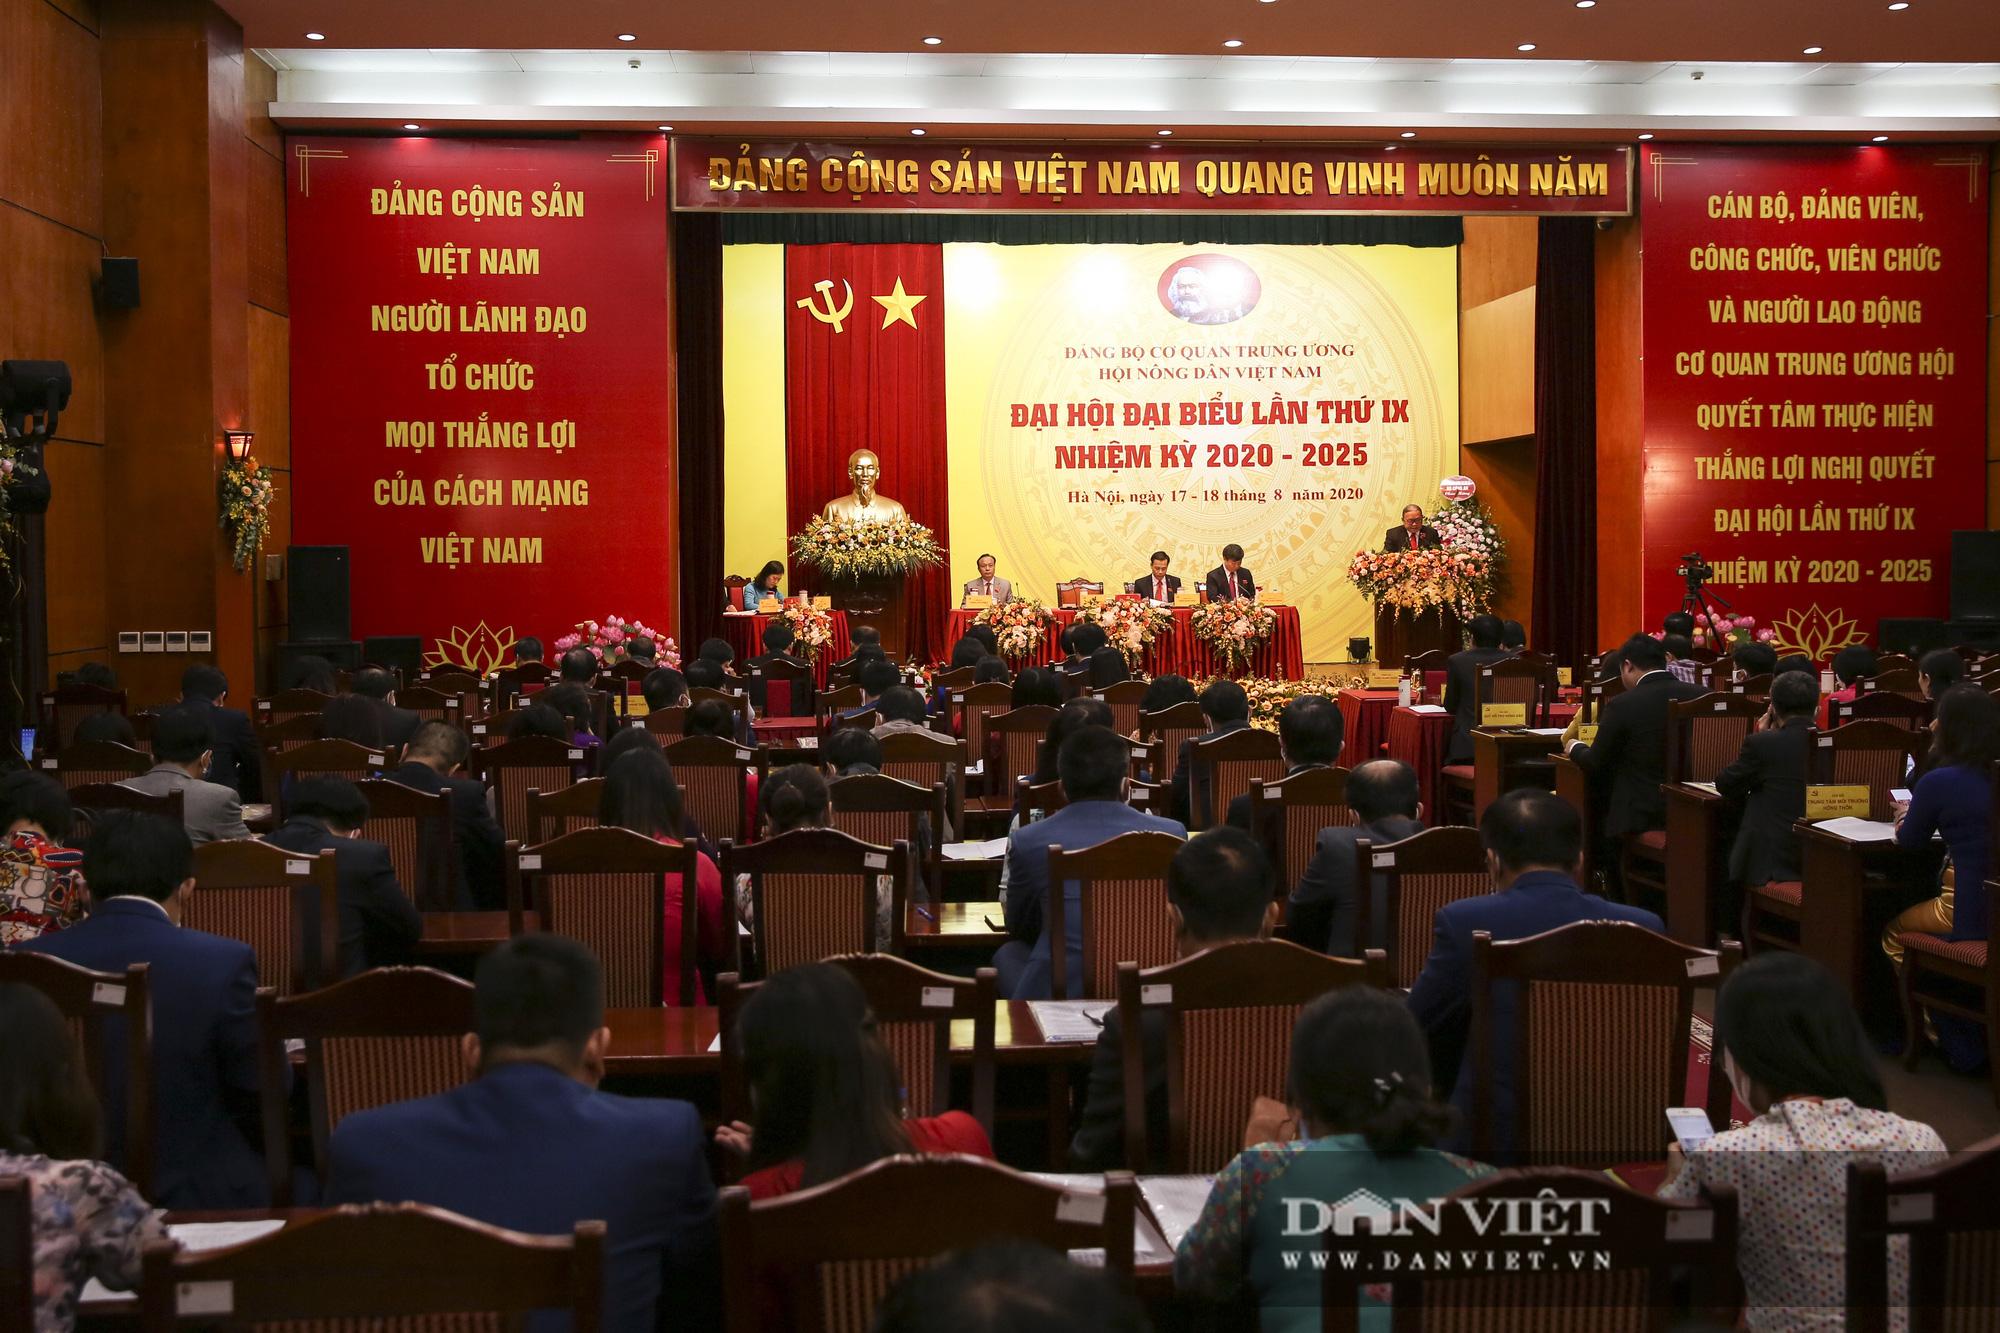 Toàn cảnh khai mạc Đại hội đại biểu Đảng bộ cơ quan T.Ư Hội Nông dân Việt Nam - Ảnh 5.